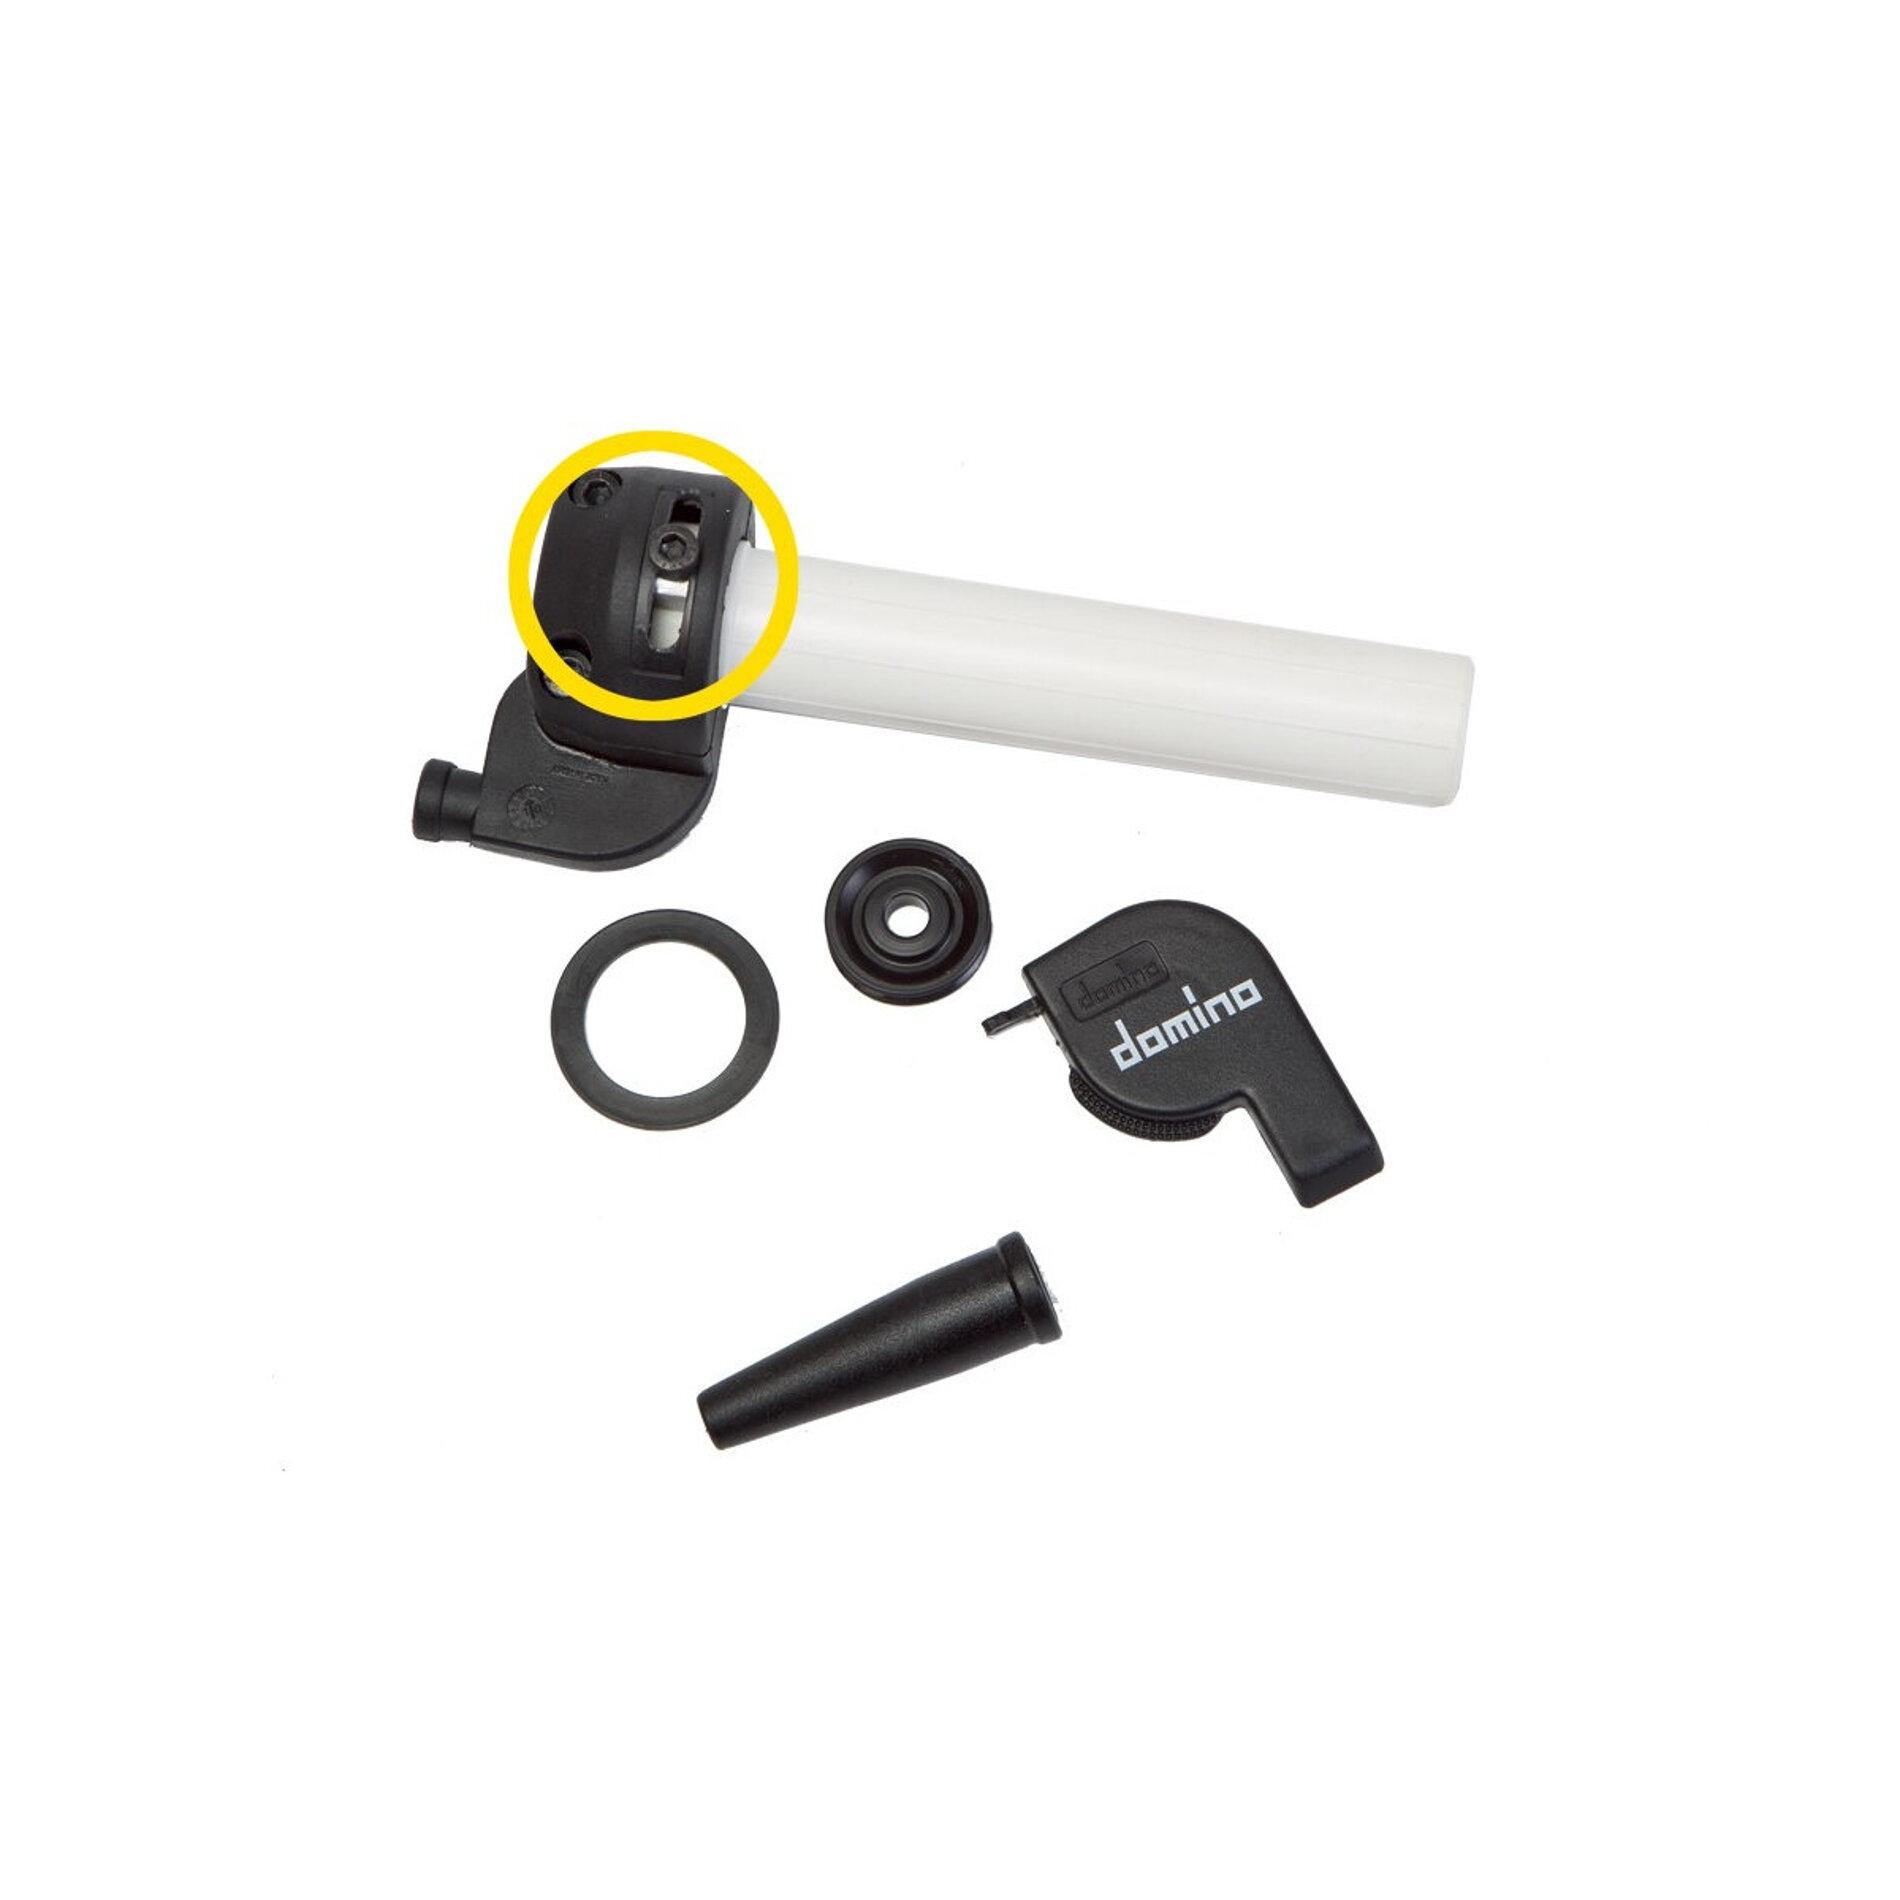 Poignée de gaz Domino rapido 28 mm 124